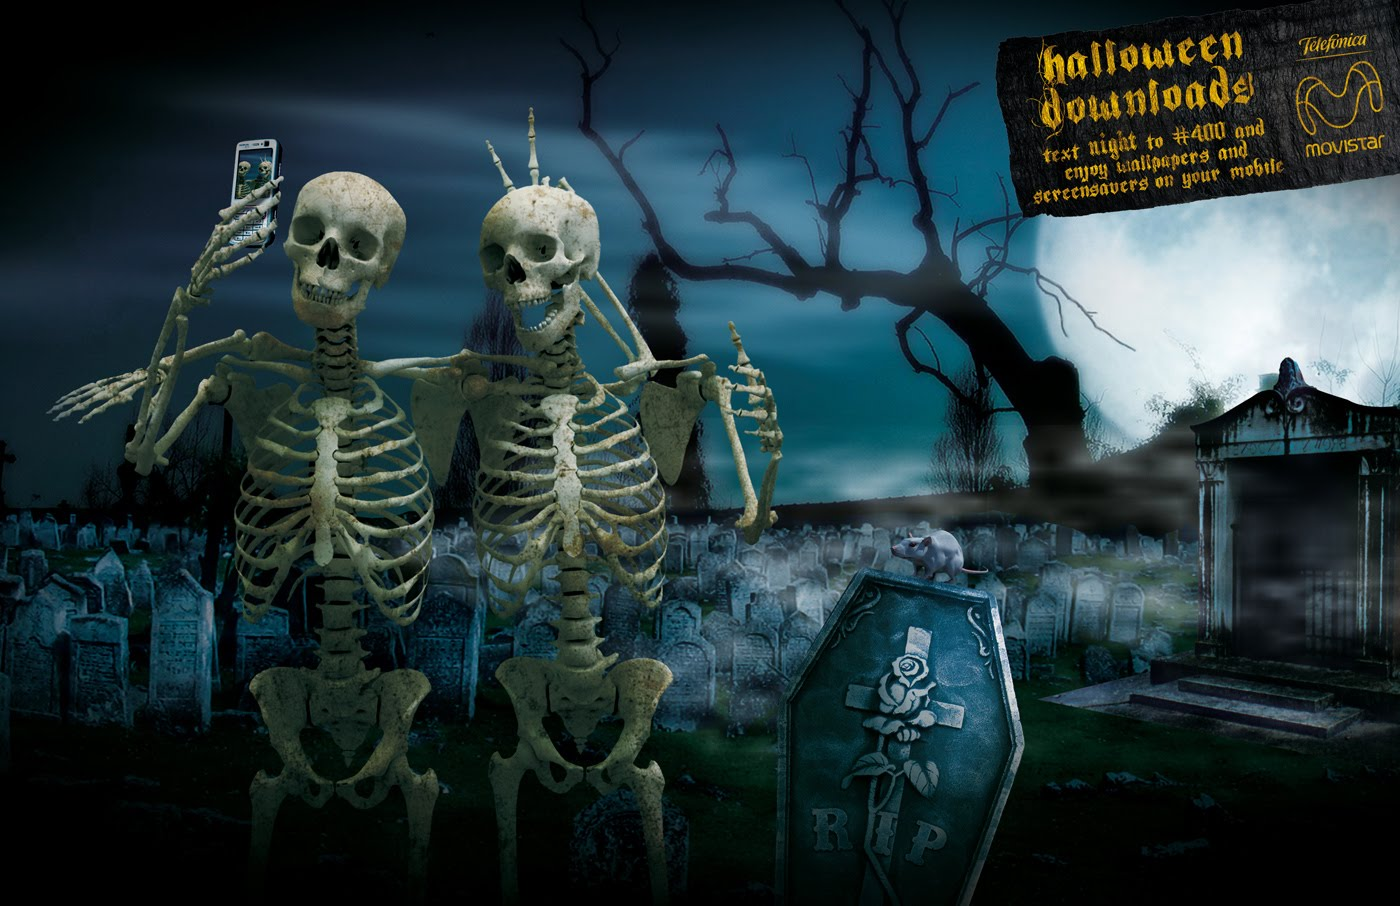 Free Halloween Wallpapers - mmw blog: Halloween Dancing